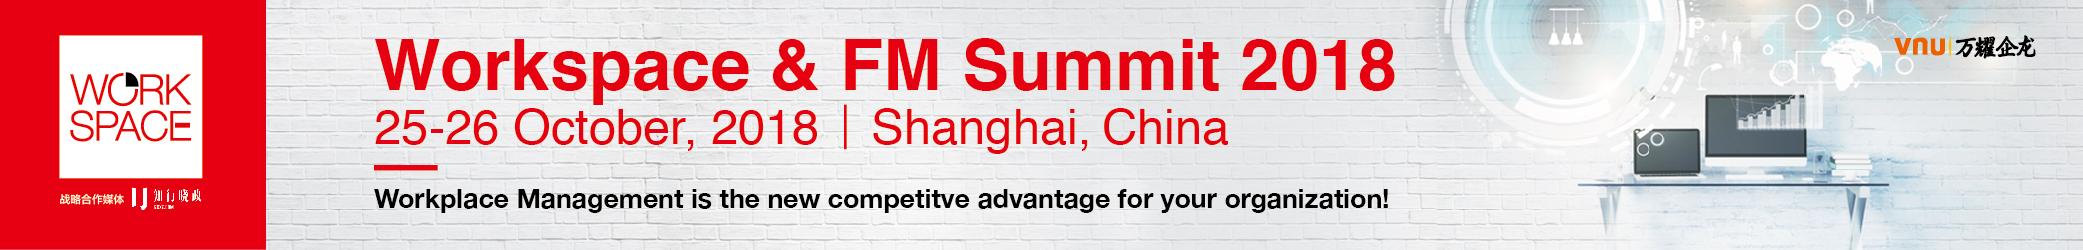 2018-10 Workspace-FM Summit Shanghai 1000X120-banner